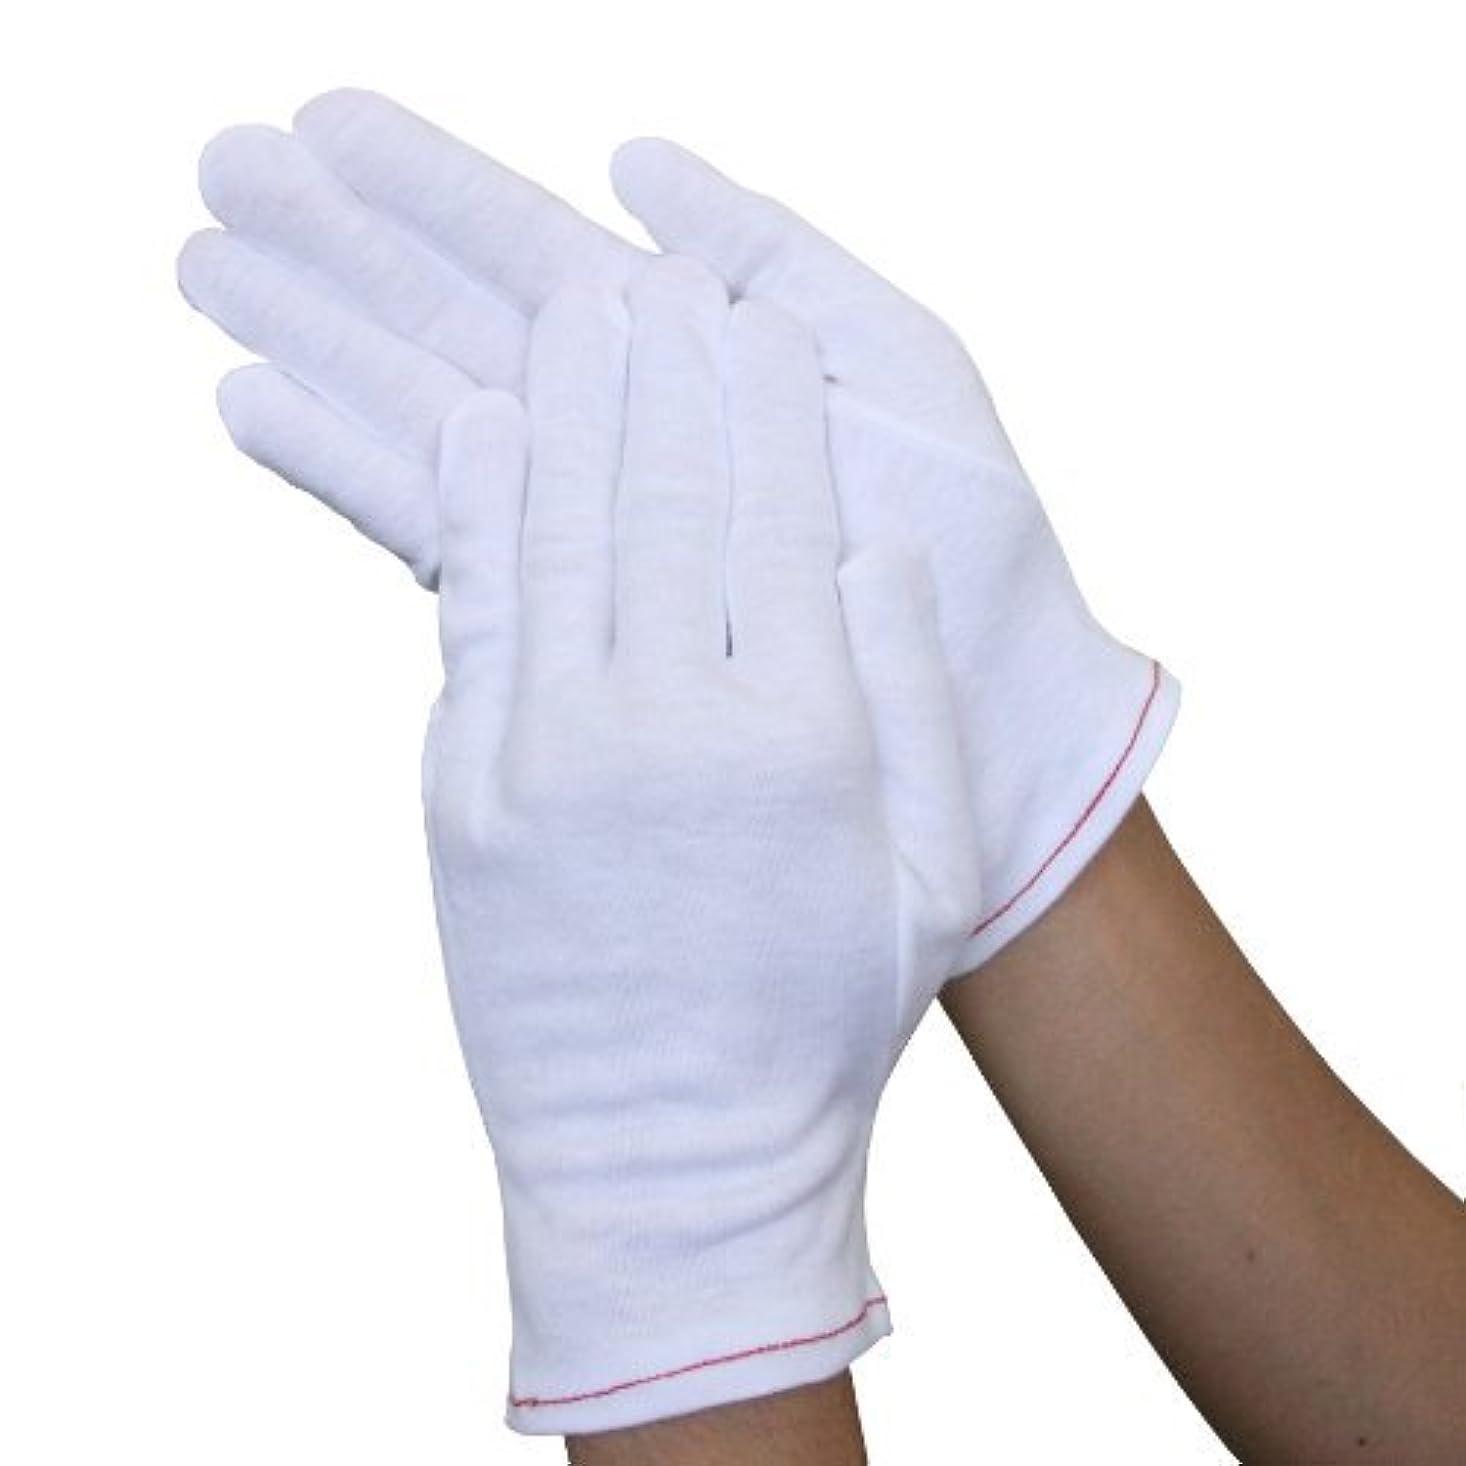 ピルファーただやる曖昧なウインセス 【心地よい肌触り/おやすみ手袋】 綿100%手袋 (1双) (M)